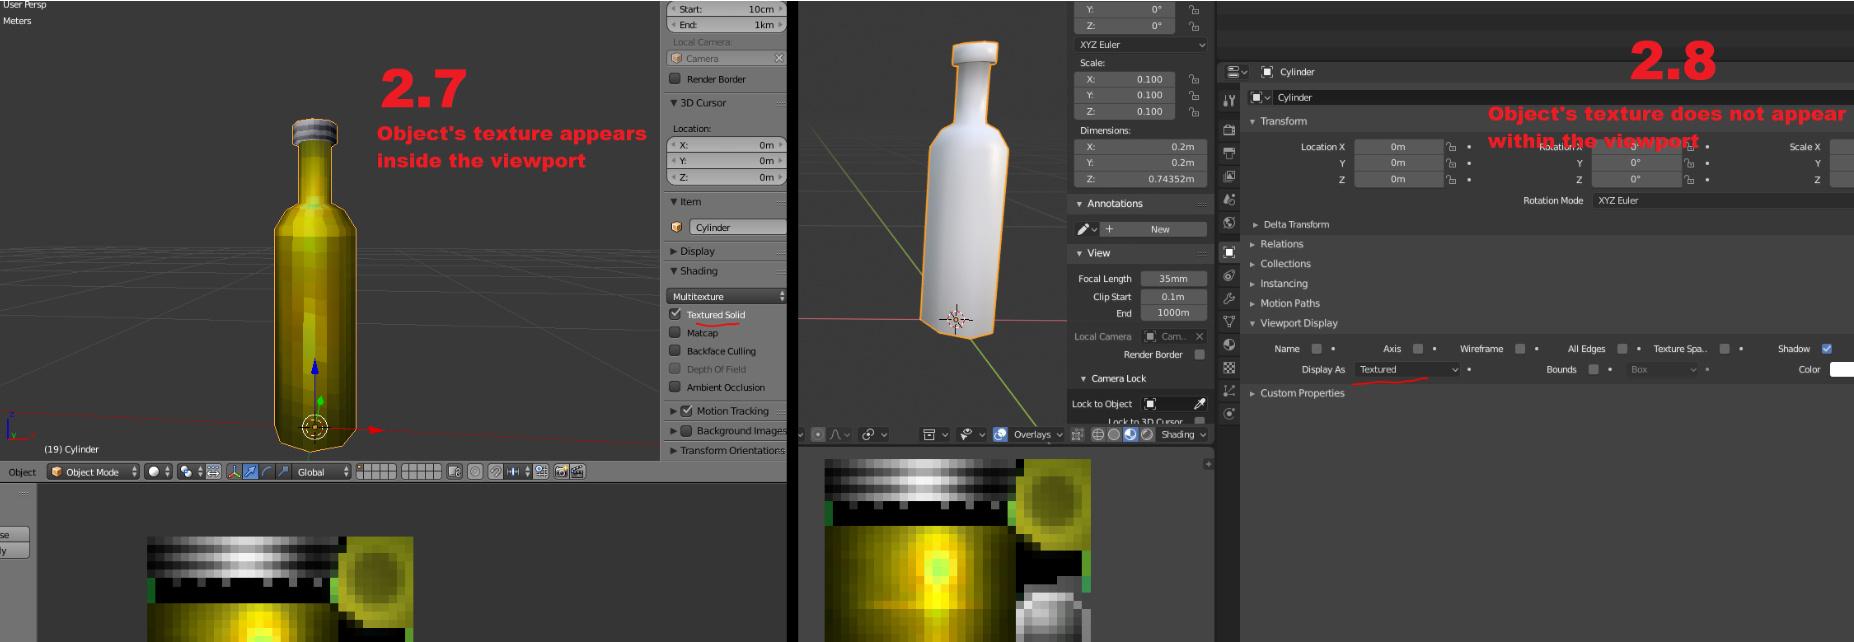 Blender 2.8 テクスチャ